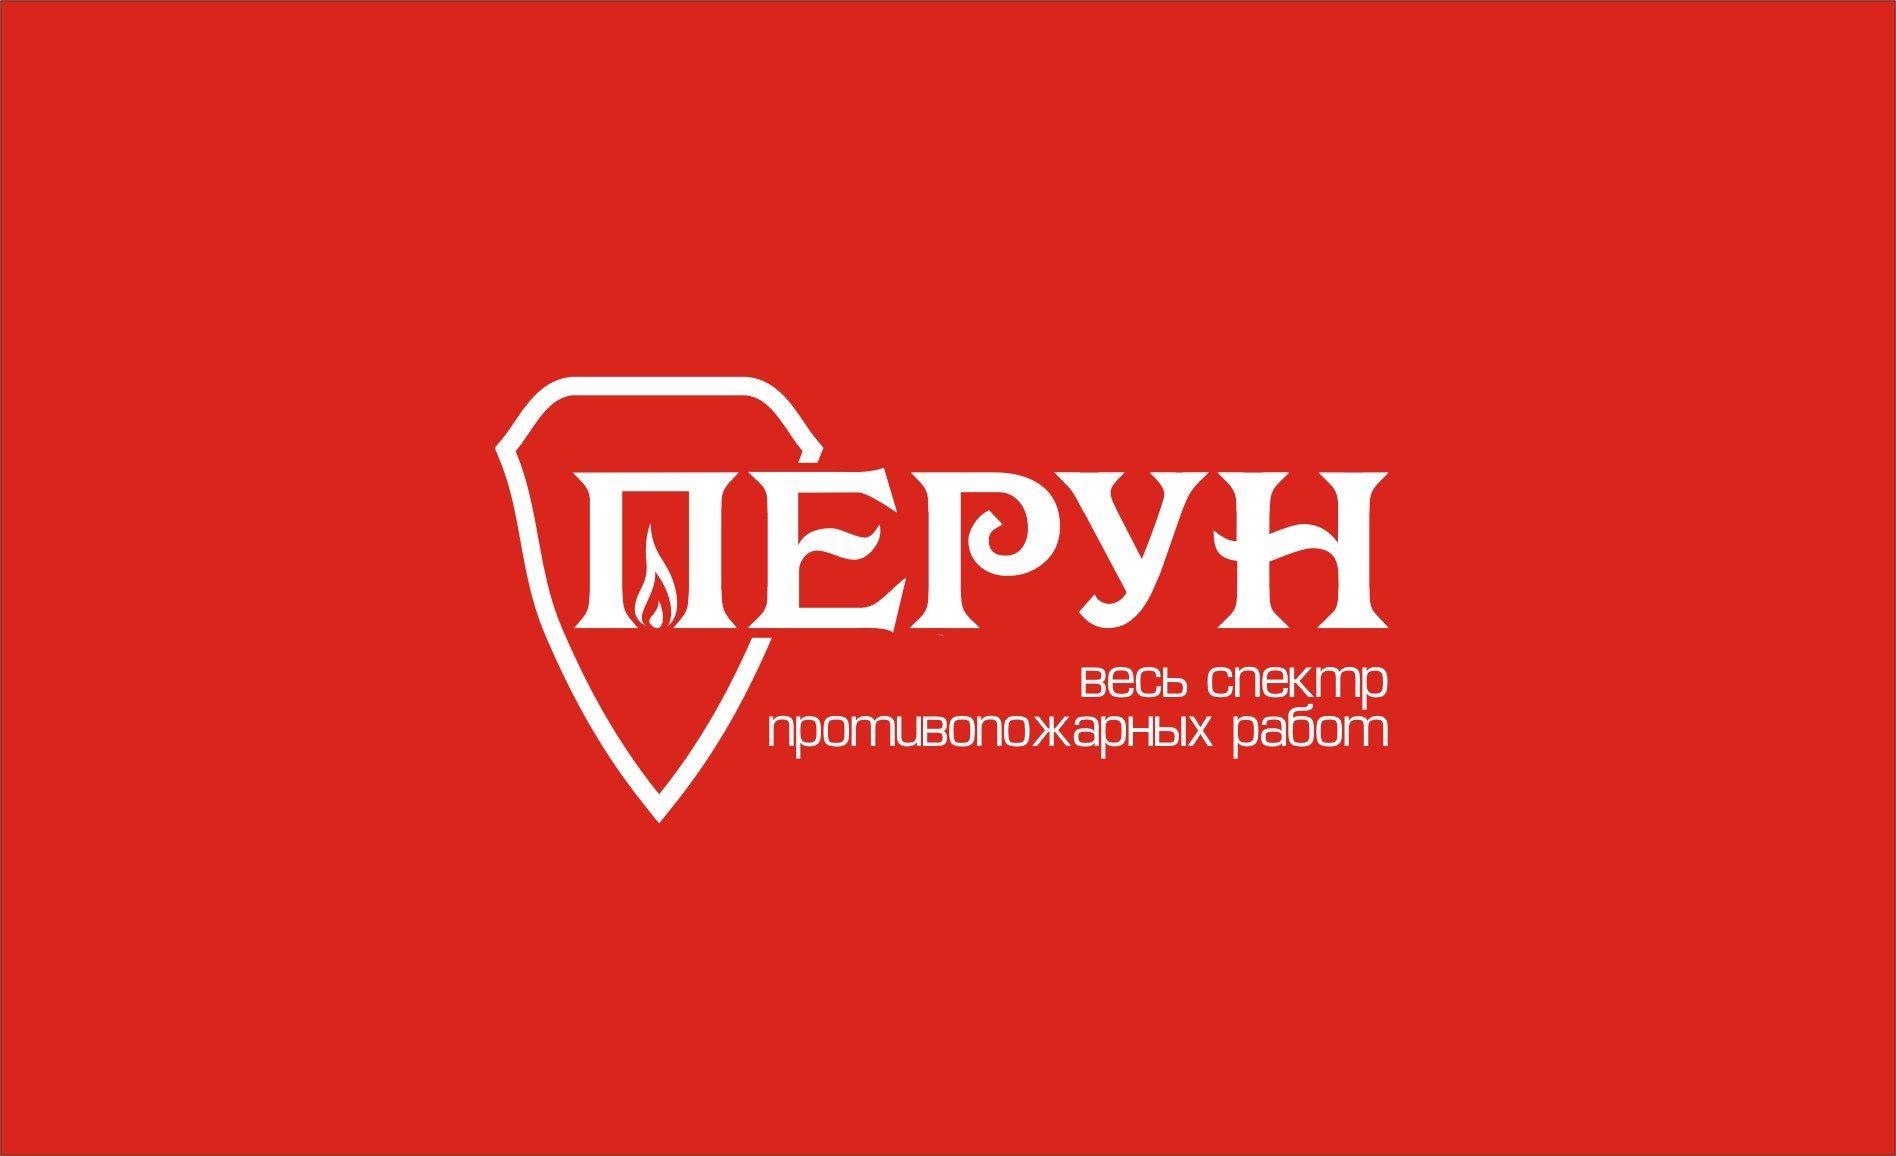 Логотип для компании пожарной безопасности Перун - дизайнер Nik_Vadim